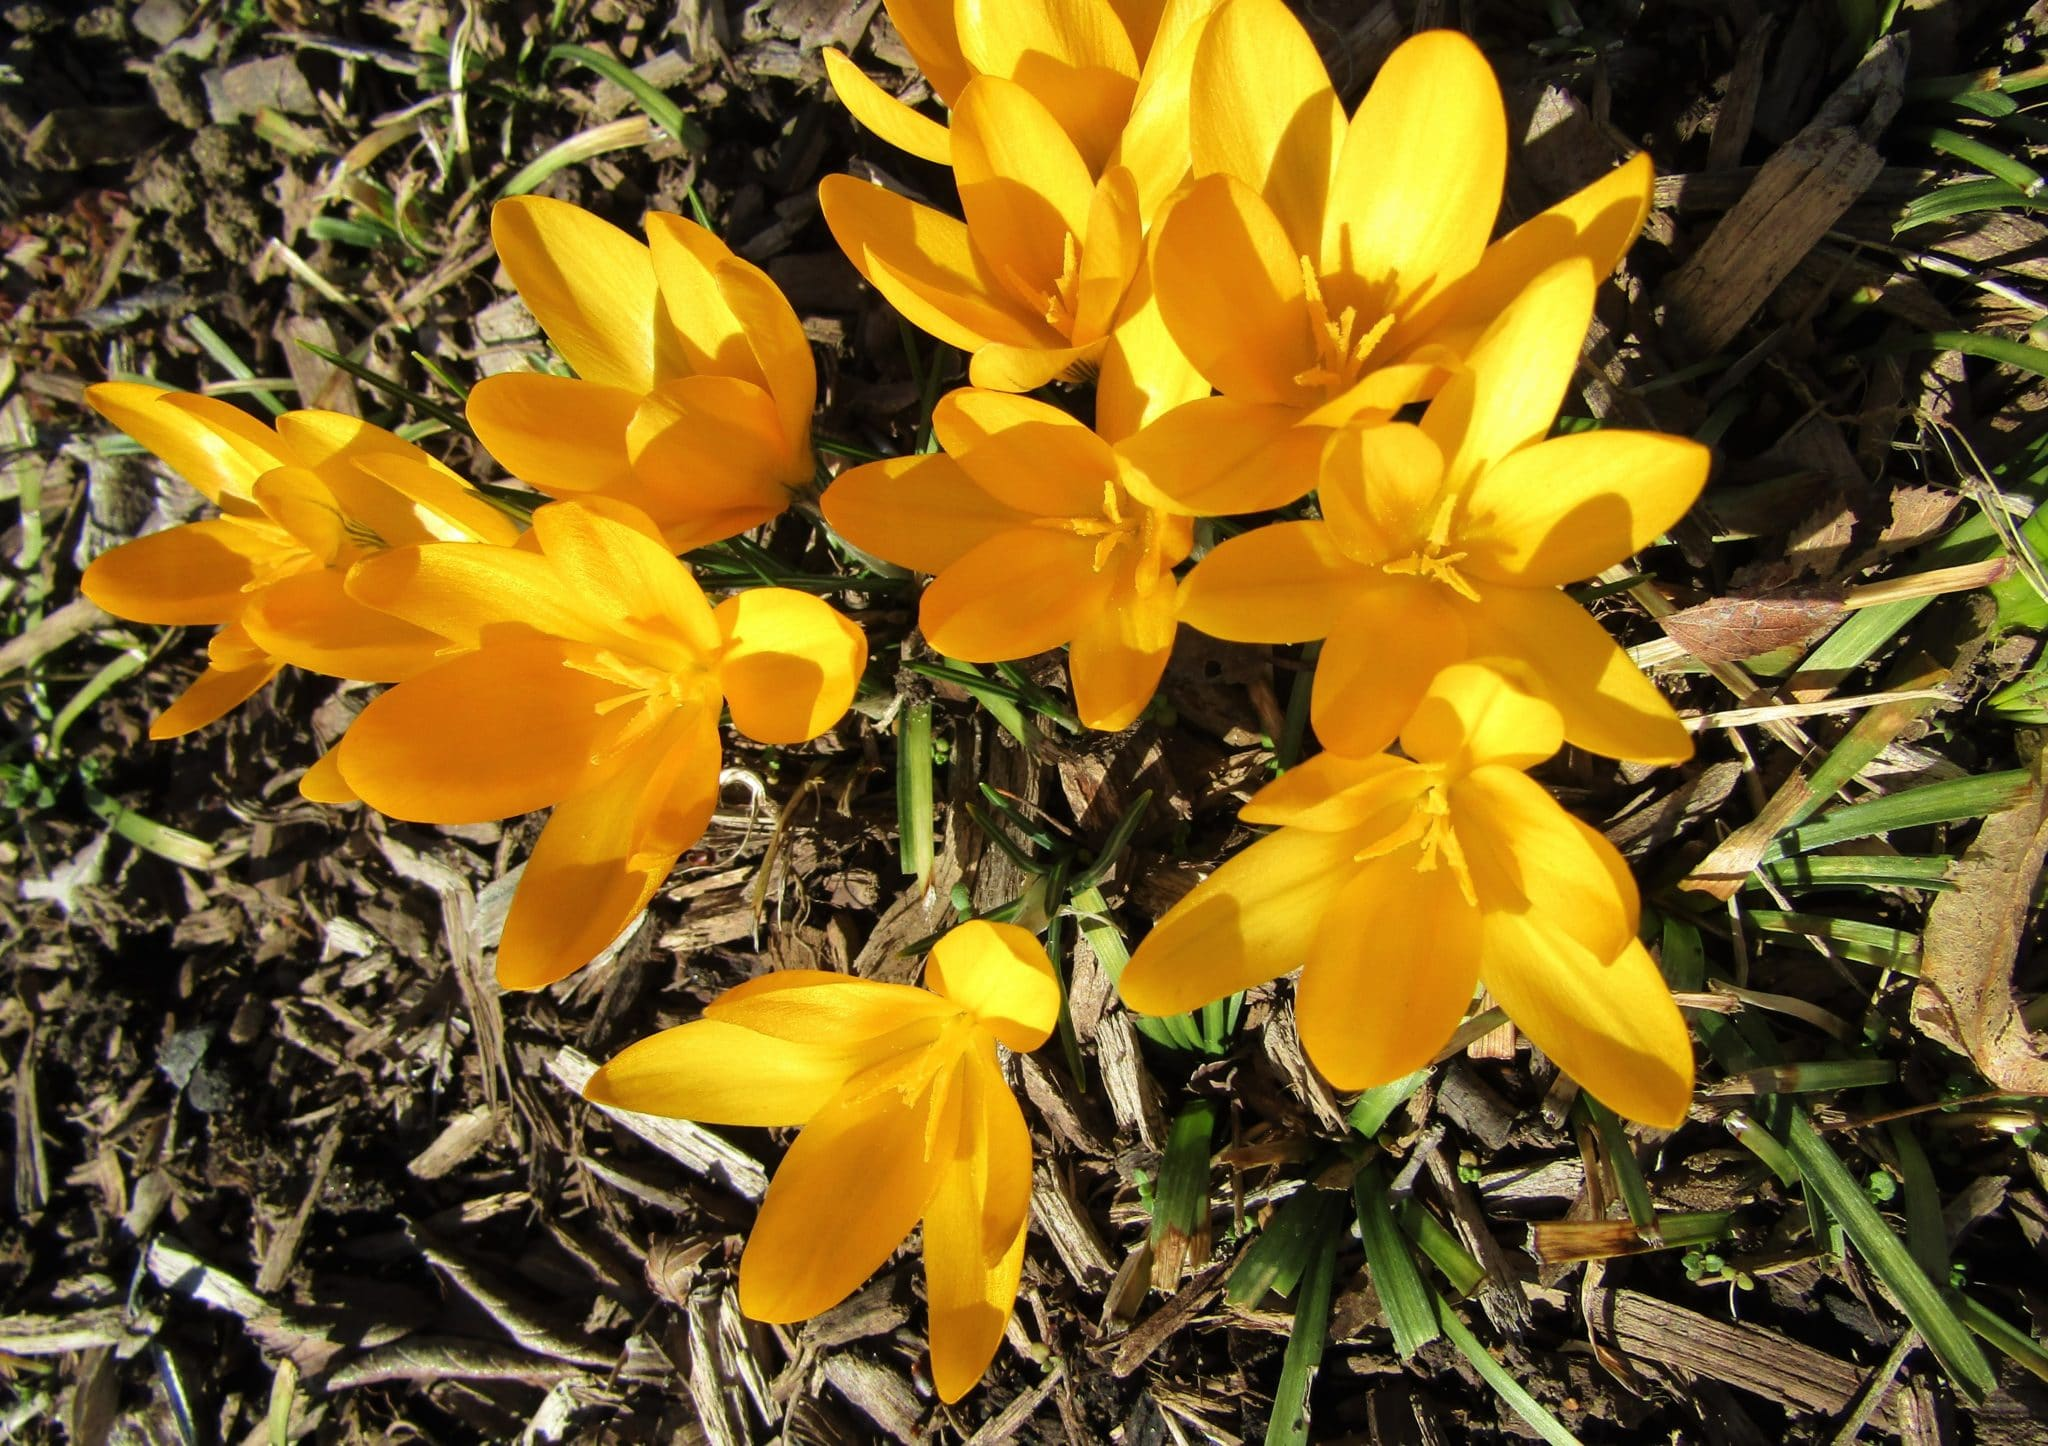 Yellow crocuses